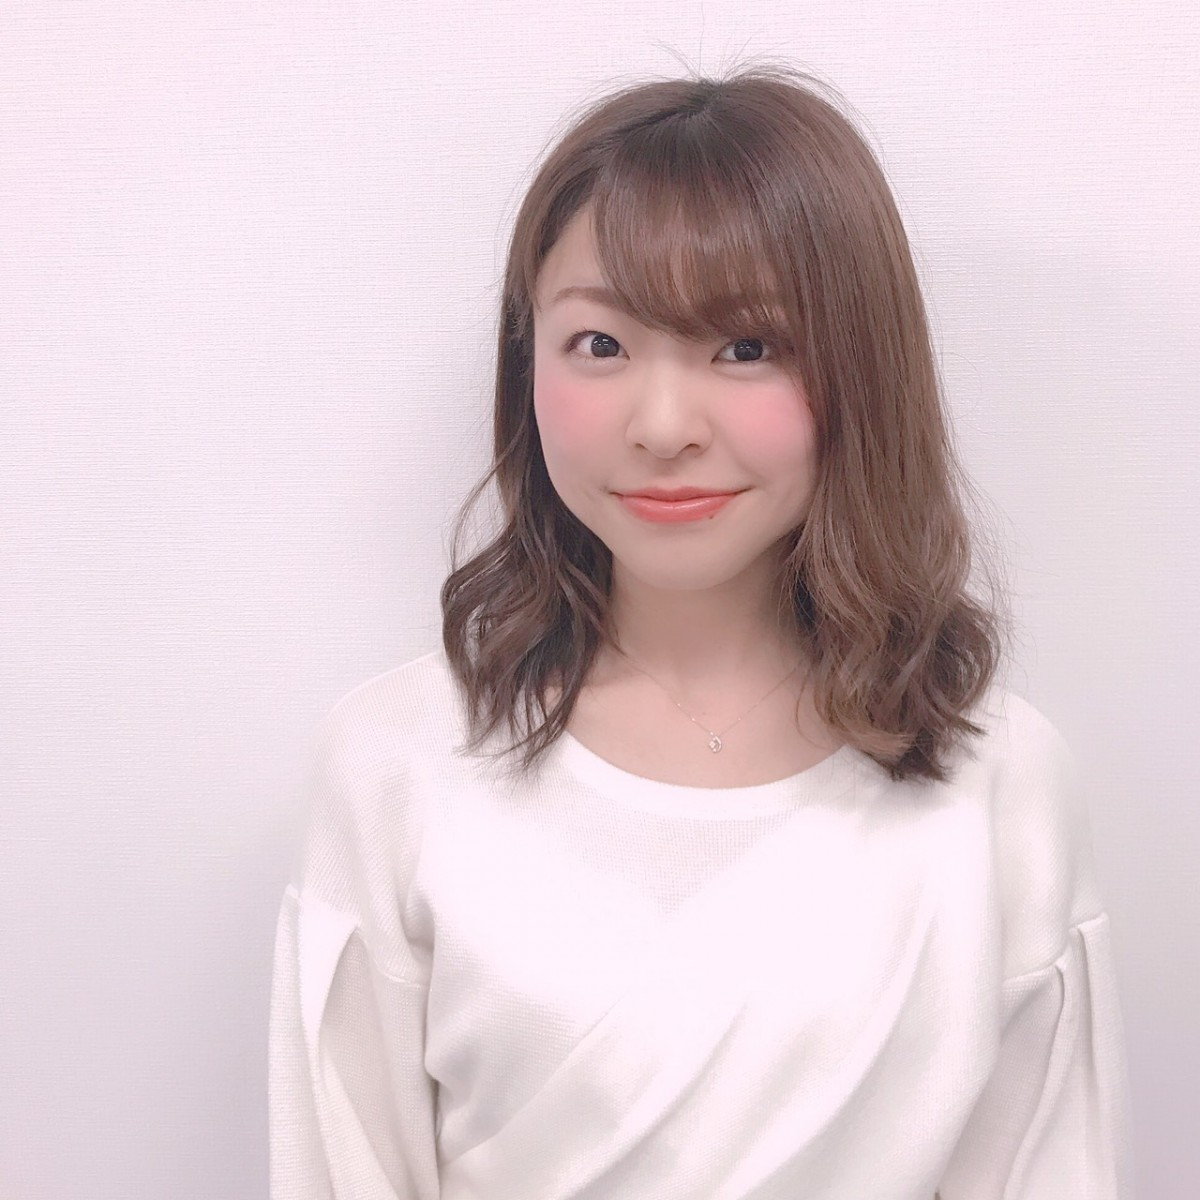 【東京21卒:青山学院大学】入会から一か月。日々新しいことを知れて、充実しています。